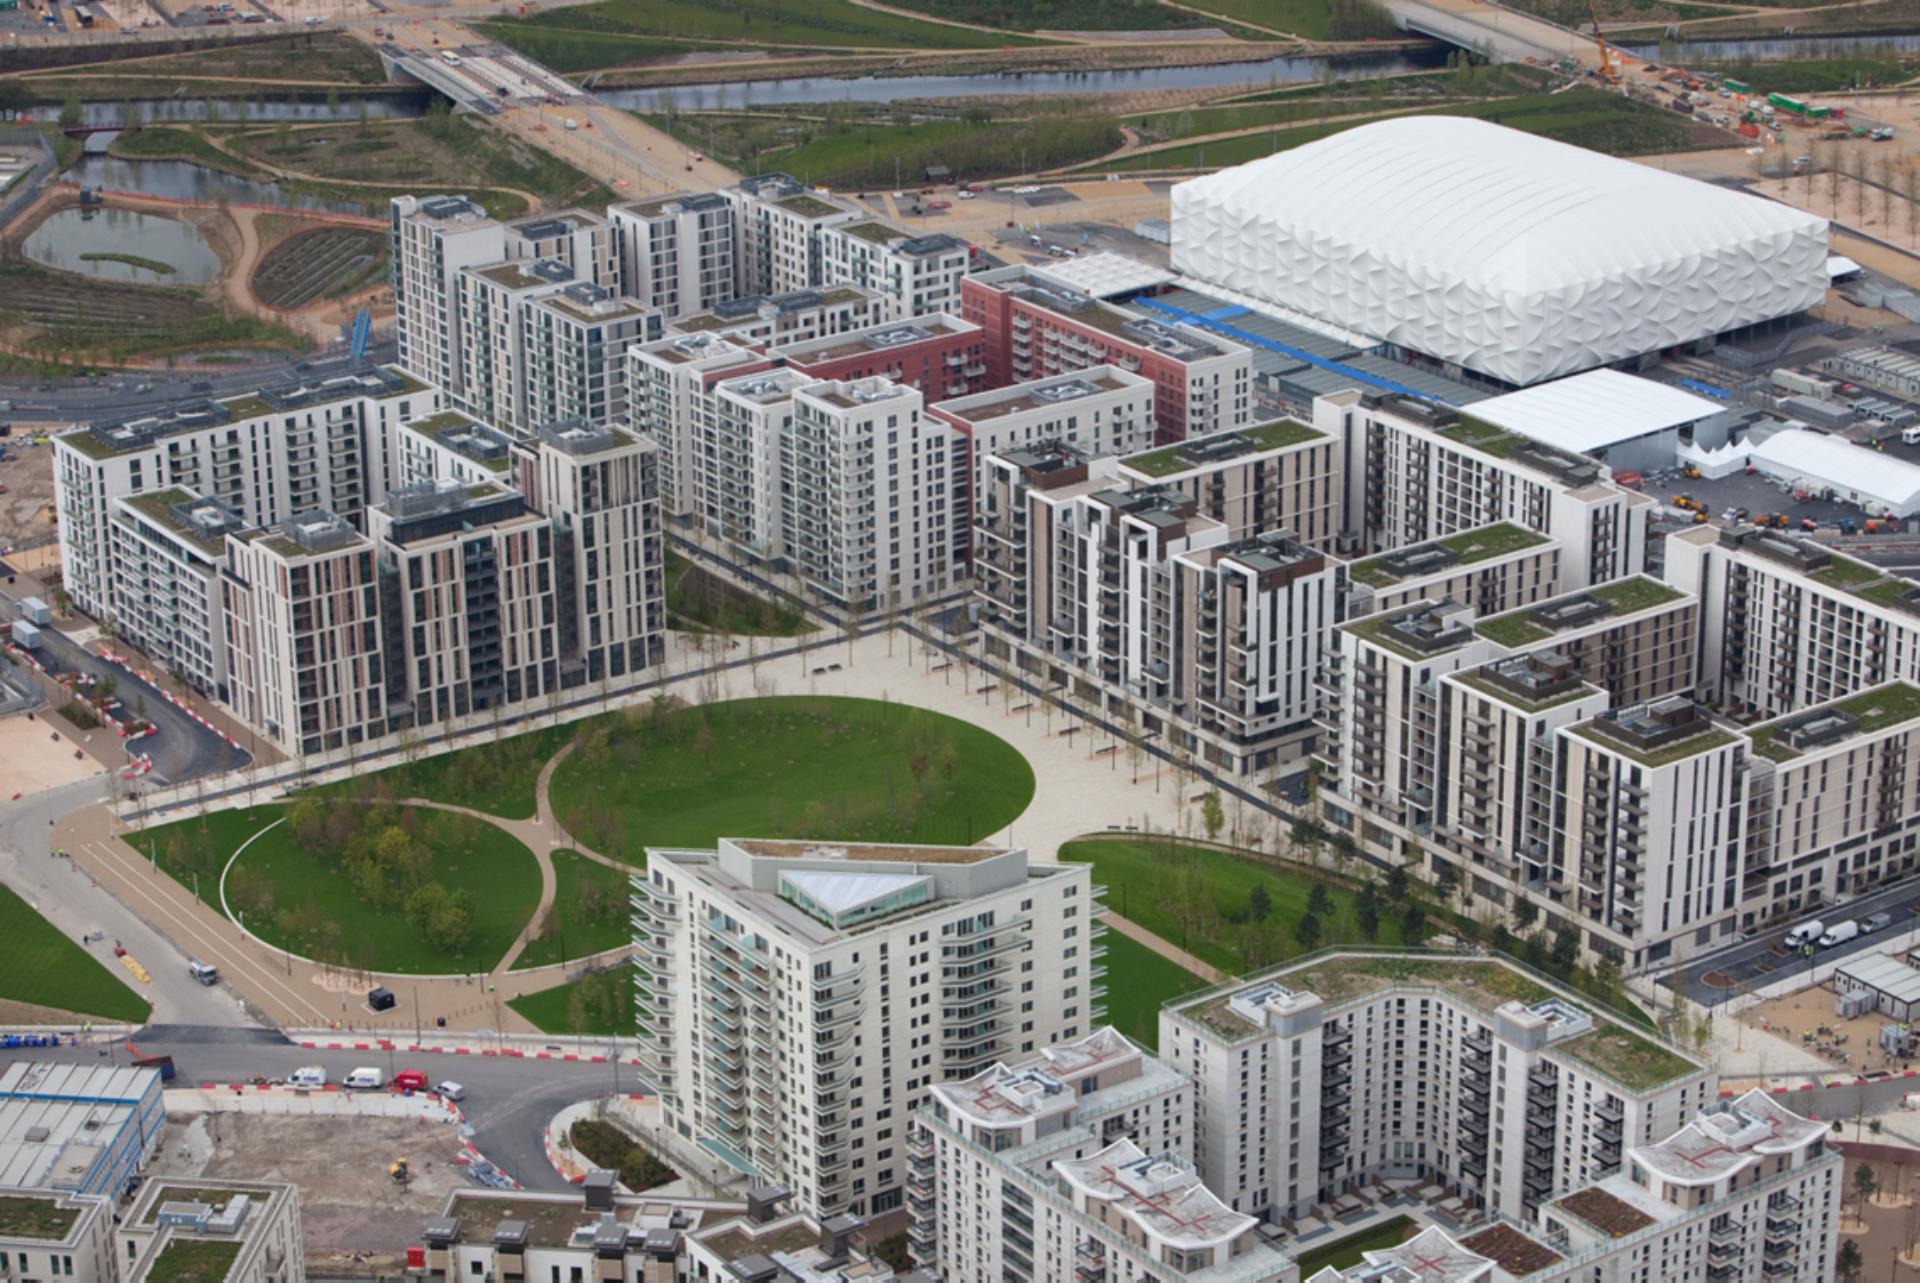 McBains | Olympic Park East Village